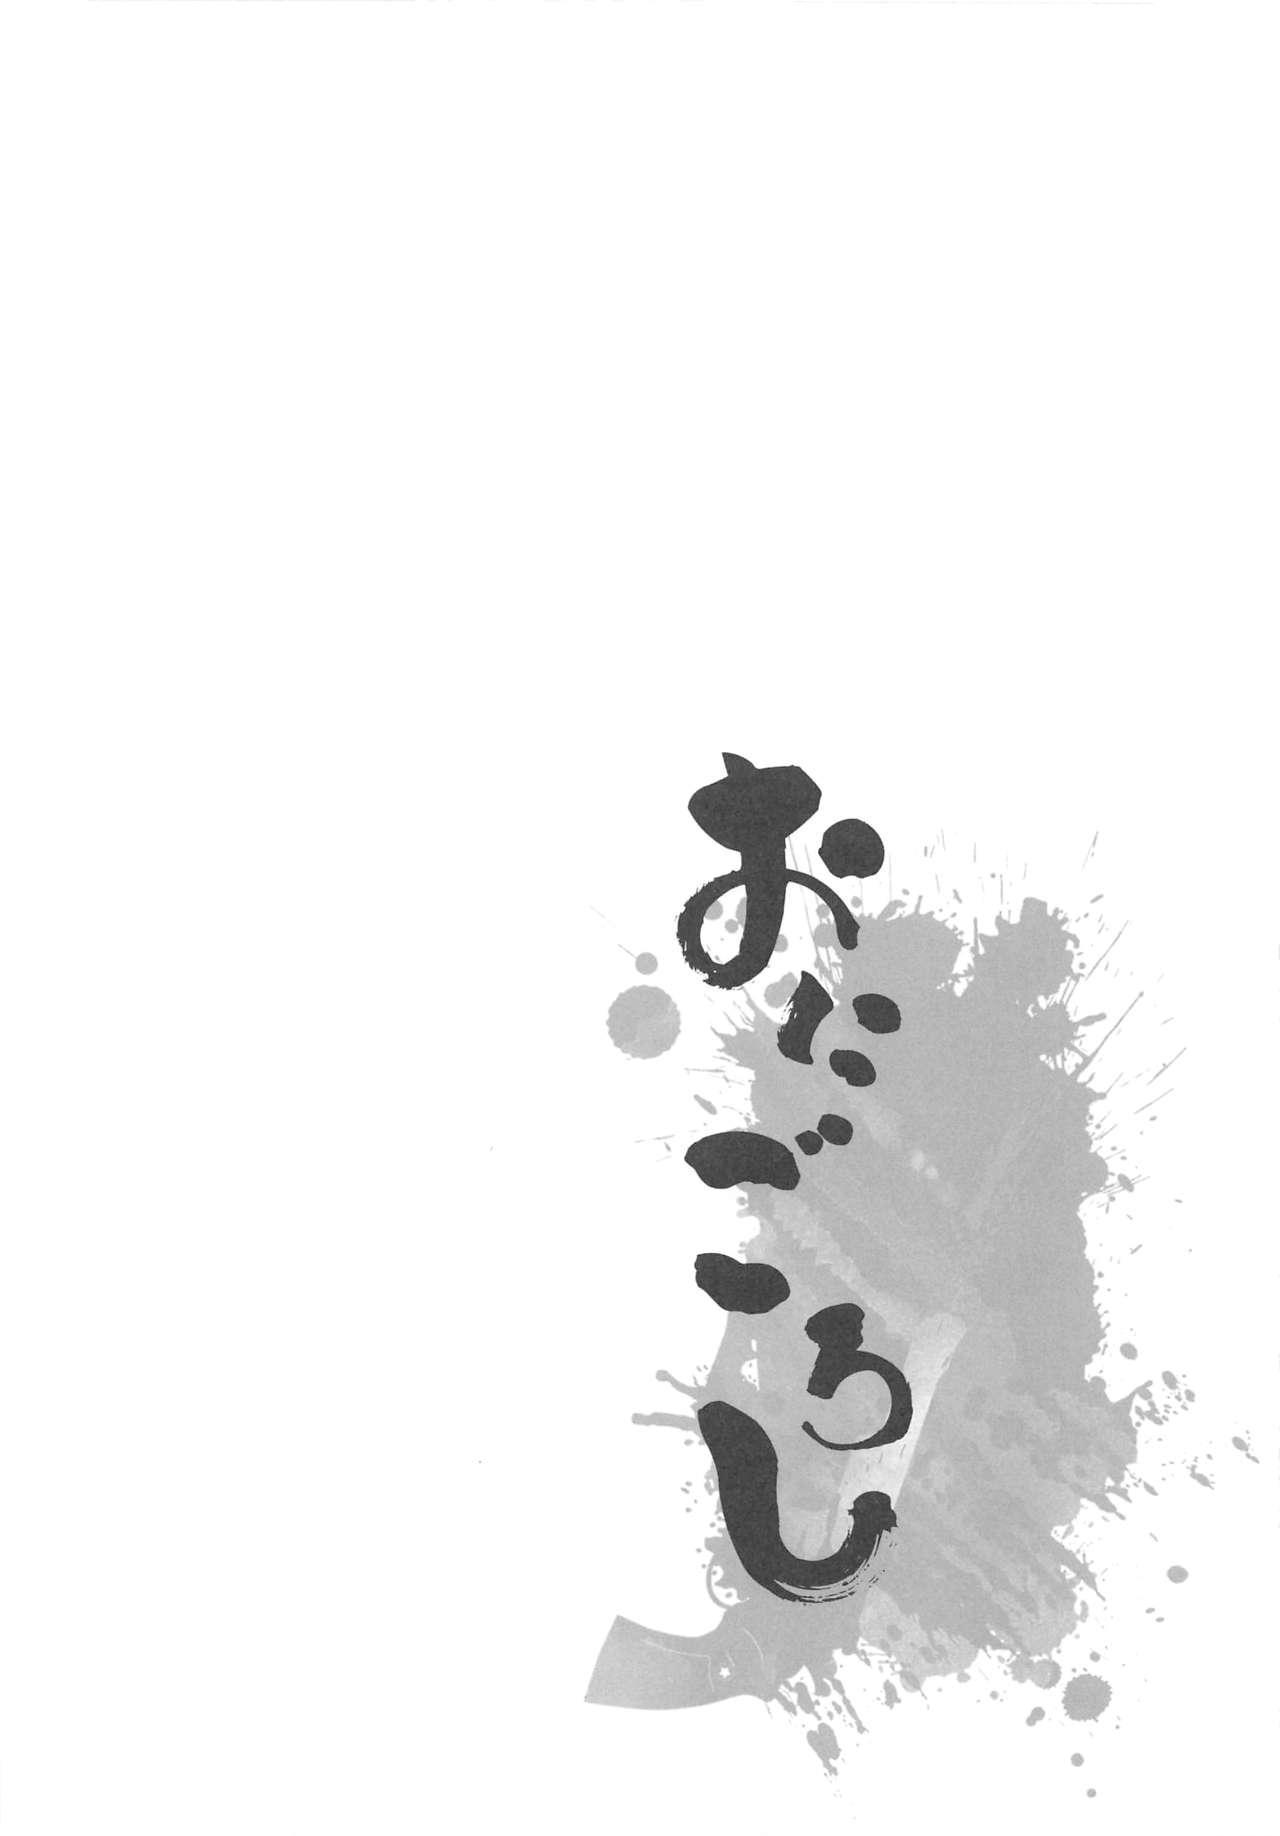 Onigoroshi 12